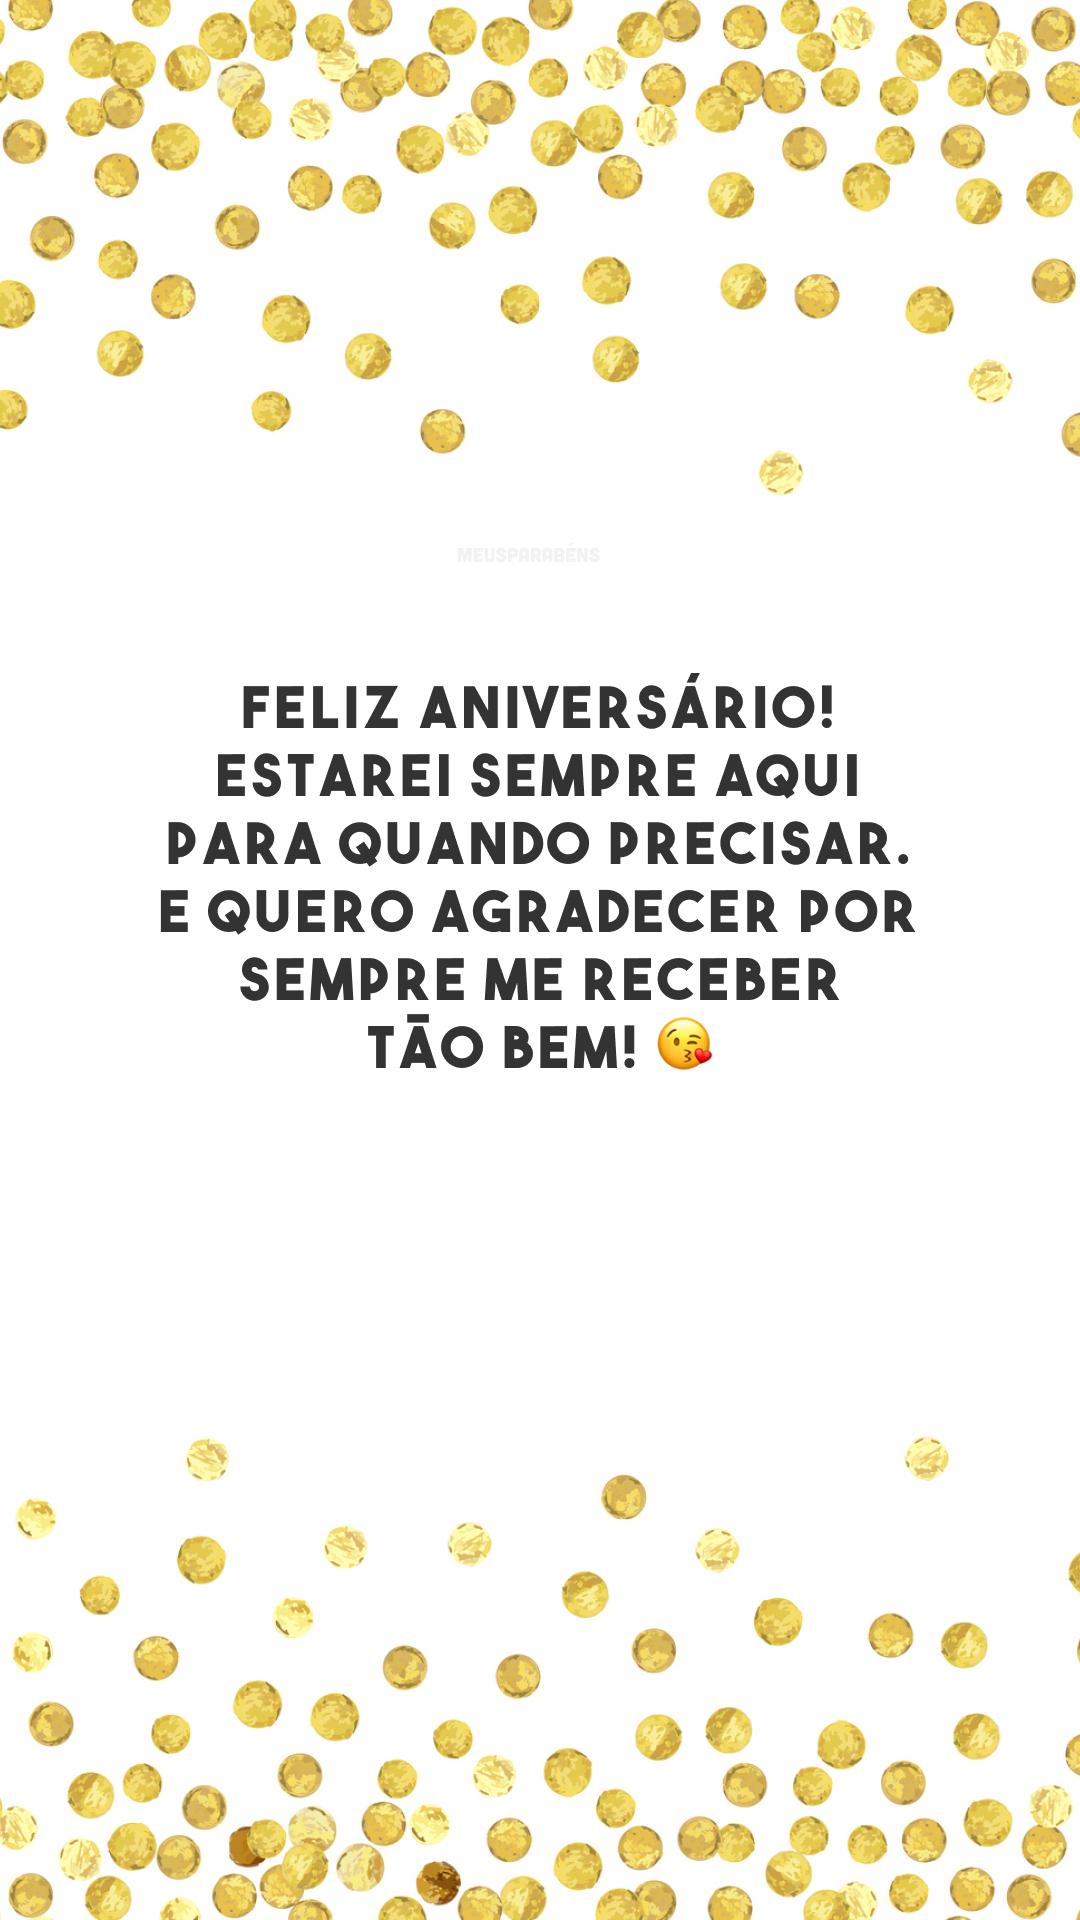 Feliz aniversário! Estarei sempre aqui para quando precisar. E quero agradecer por sempre me receber tão bem! 😘